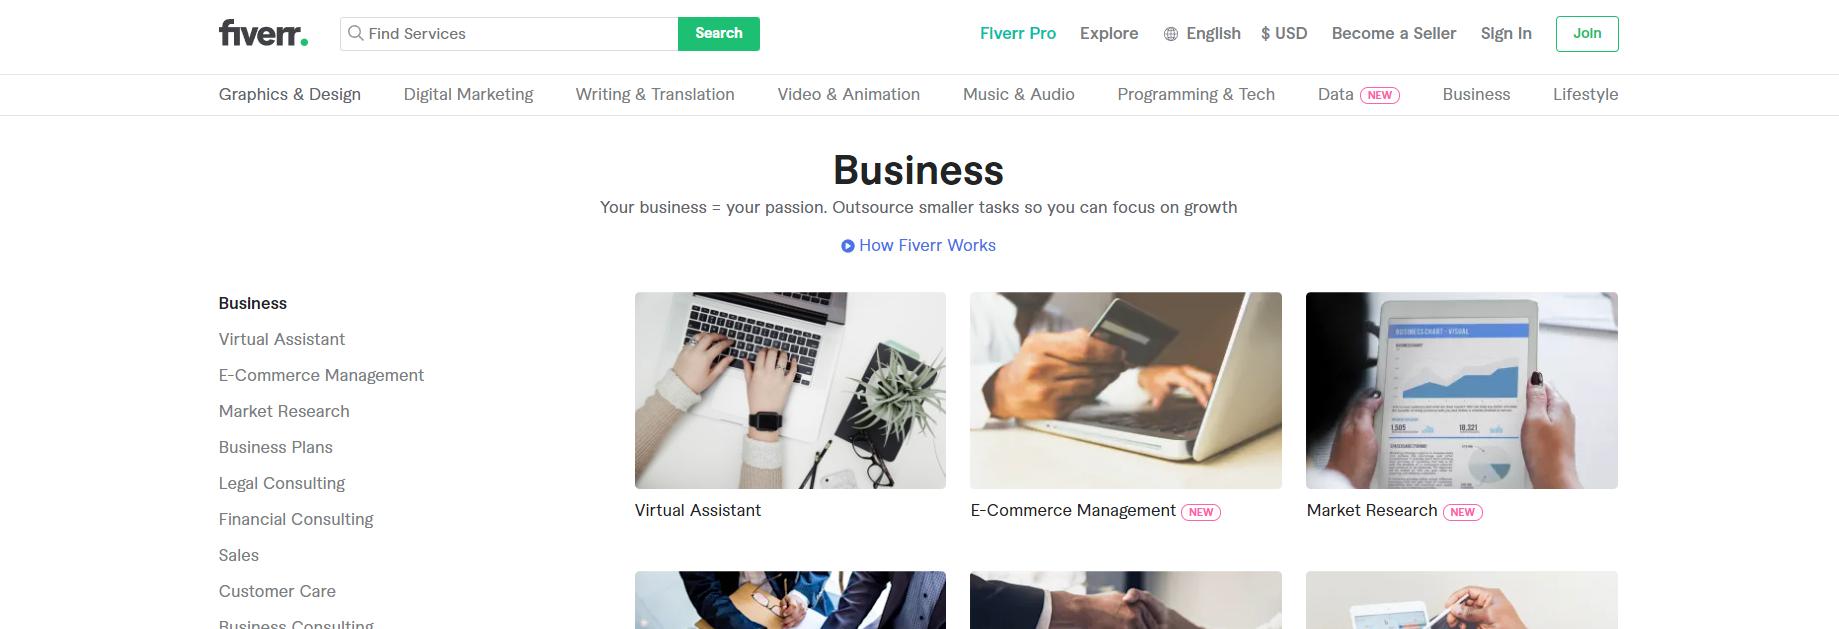 Fiverr Business